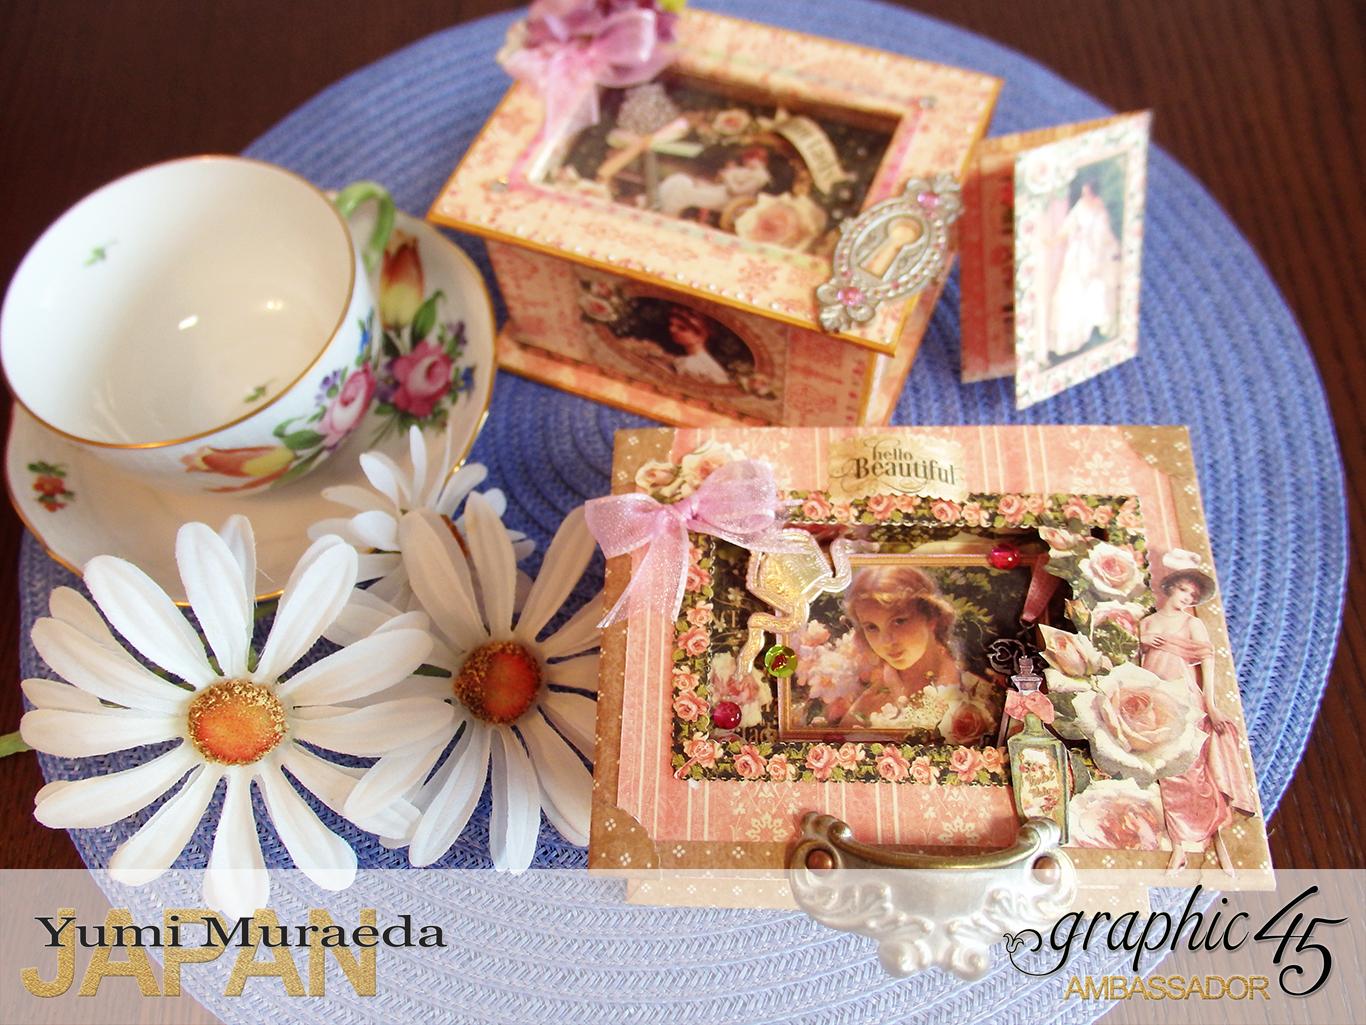 22yuyu3namecardboxGraphic45.jpg